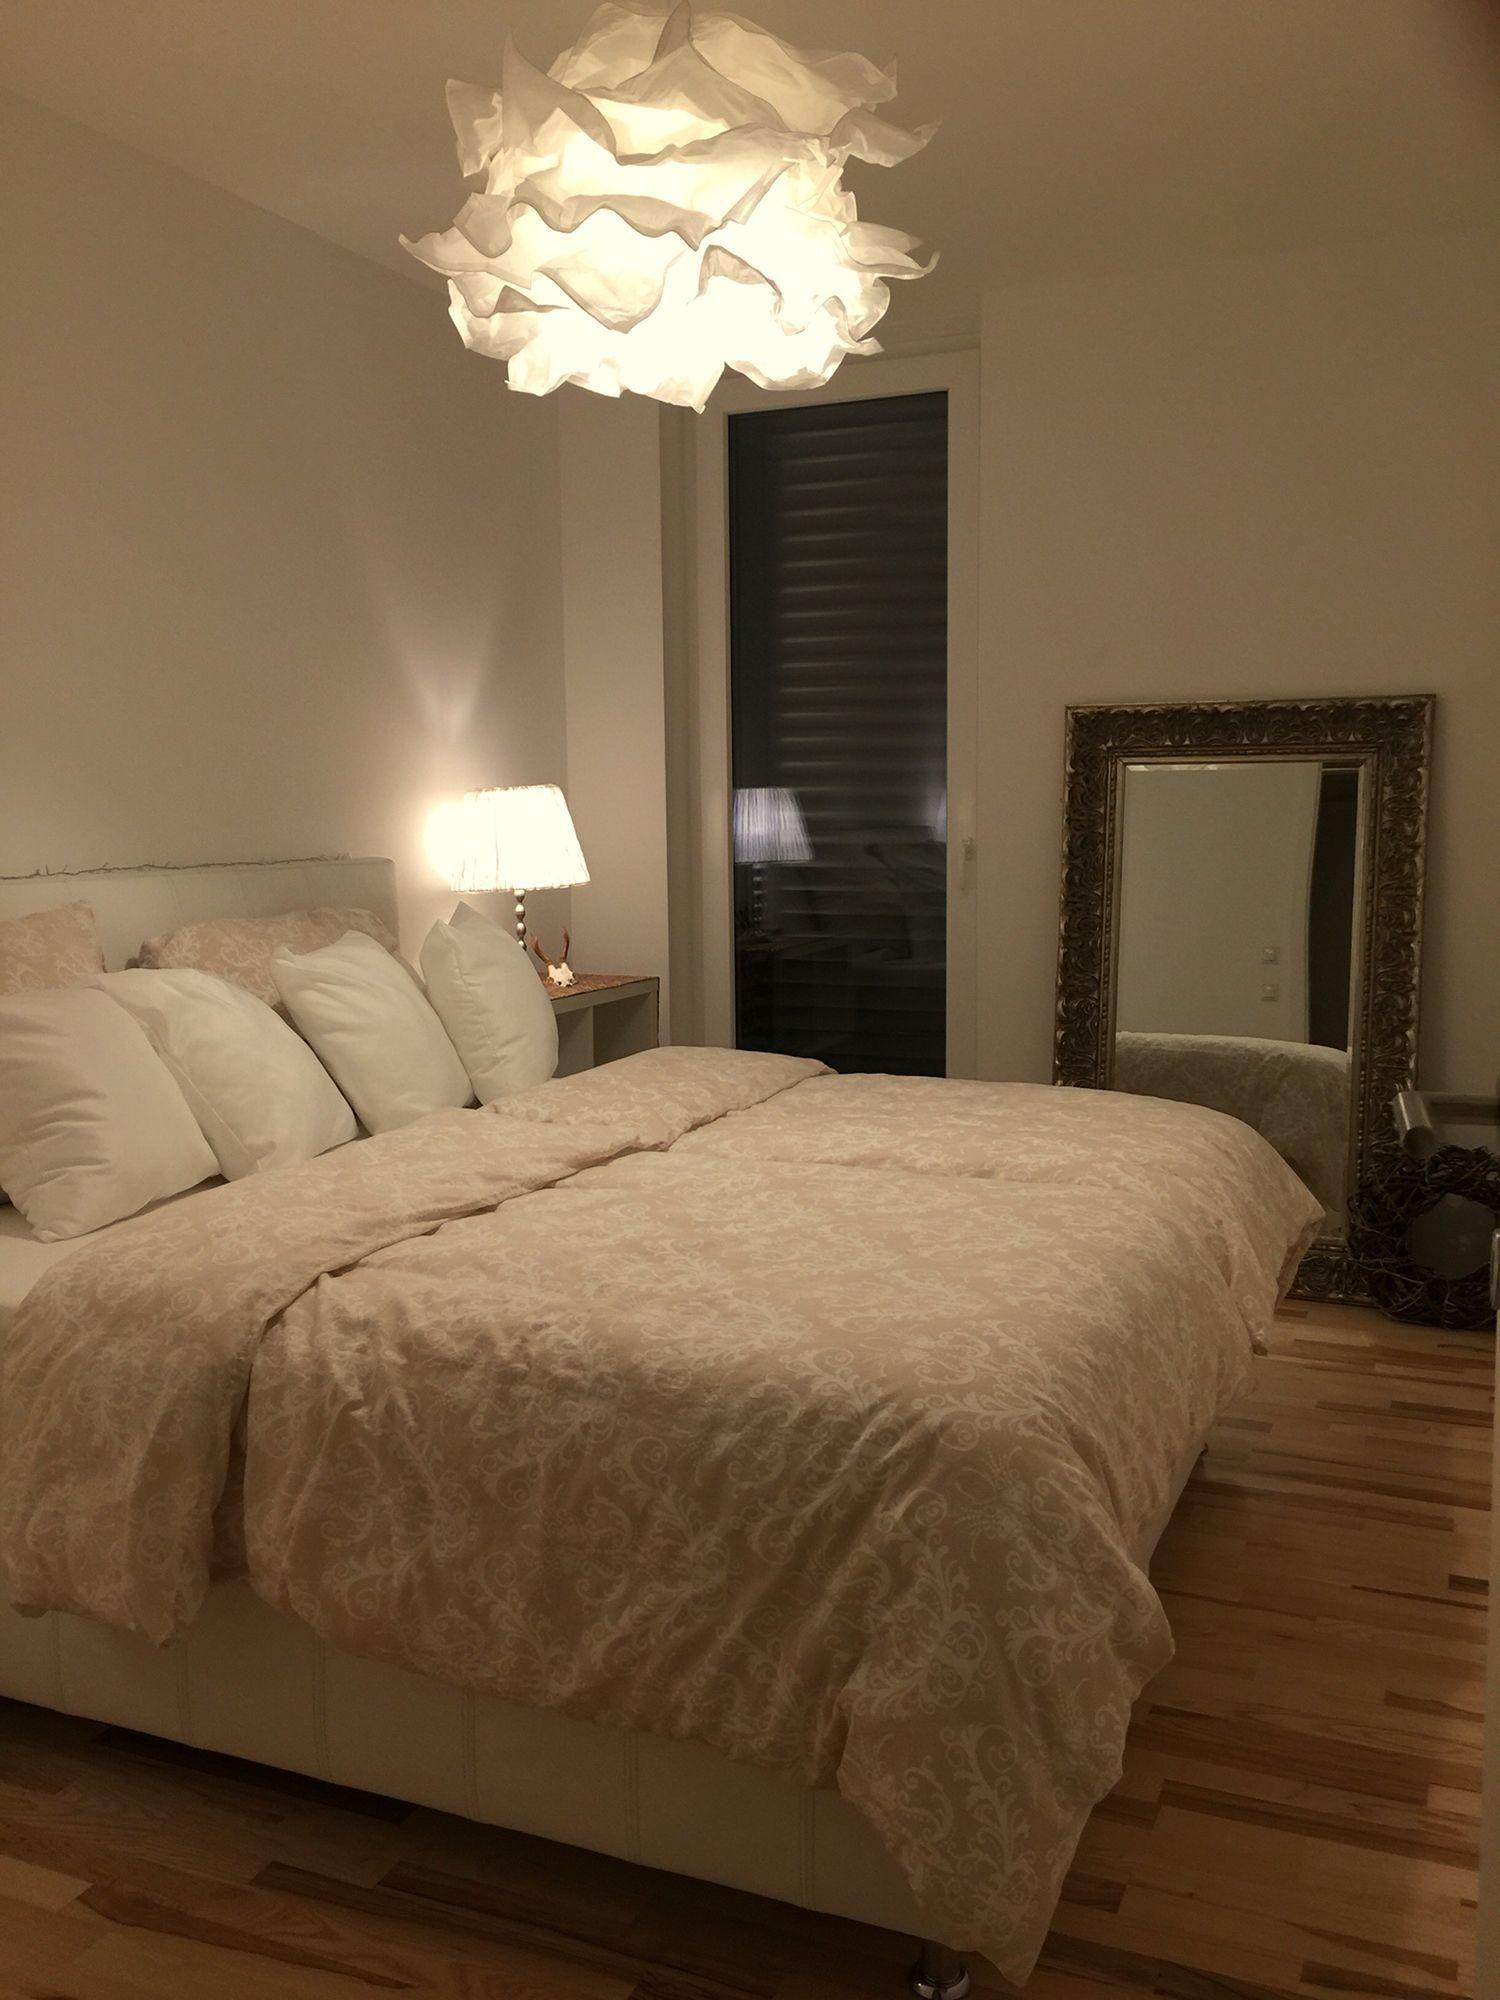 Pin von Mee auf Zimmer deko ideen in 15  Schlafzimmer lampe